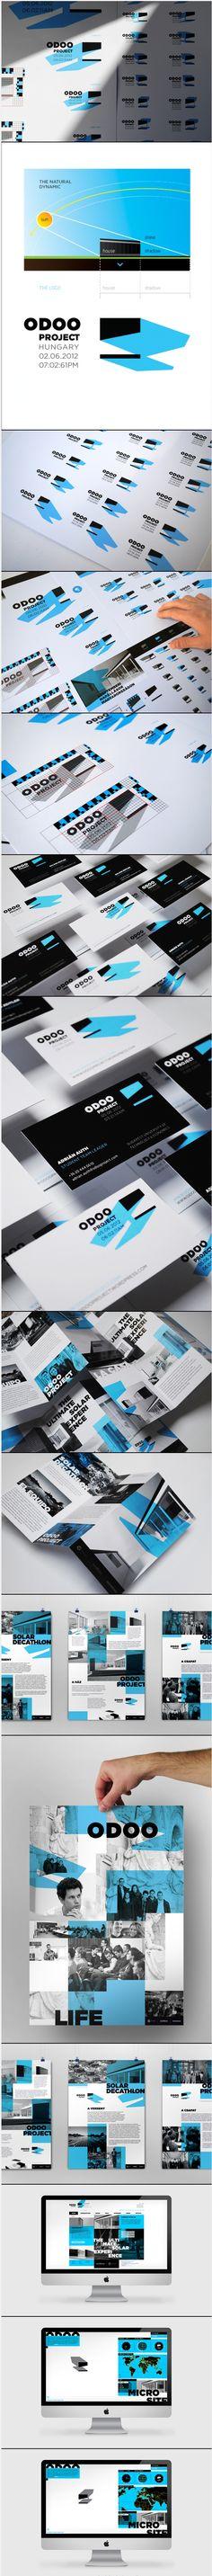 Odooproject Identity